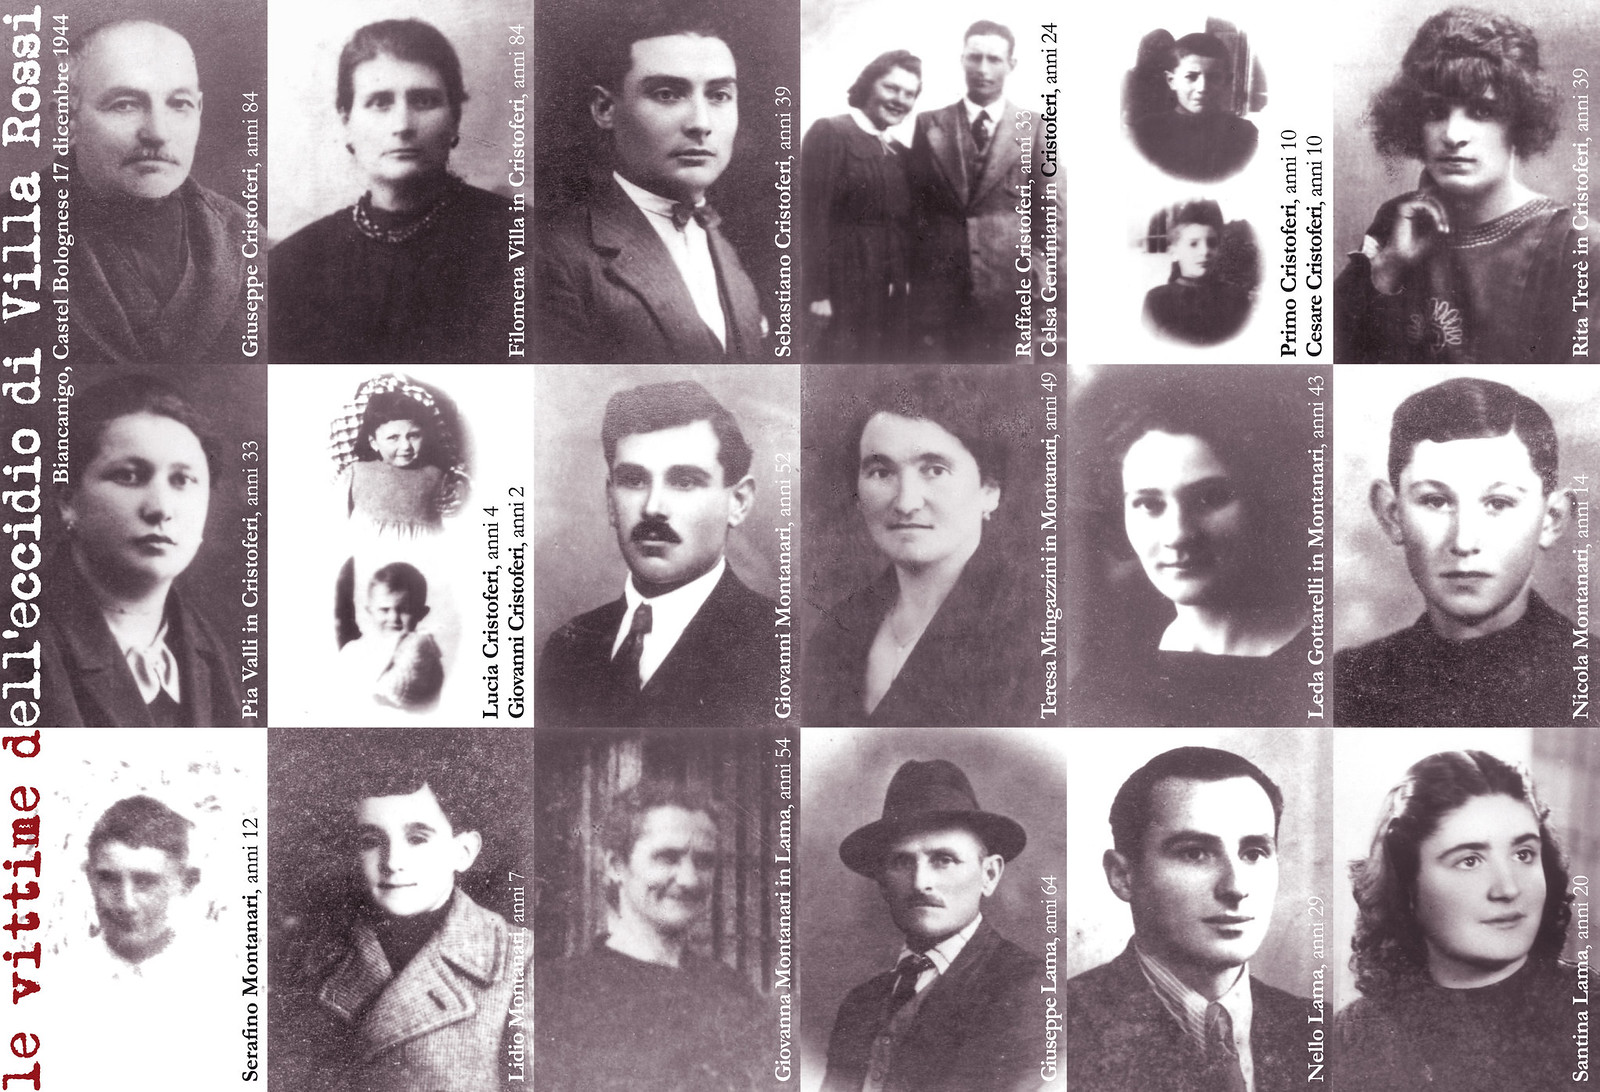 Domenica 11 dicembre si ricorda l'Eccidio di Villa Rossi a Castel Bolognese